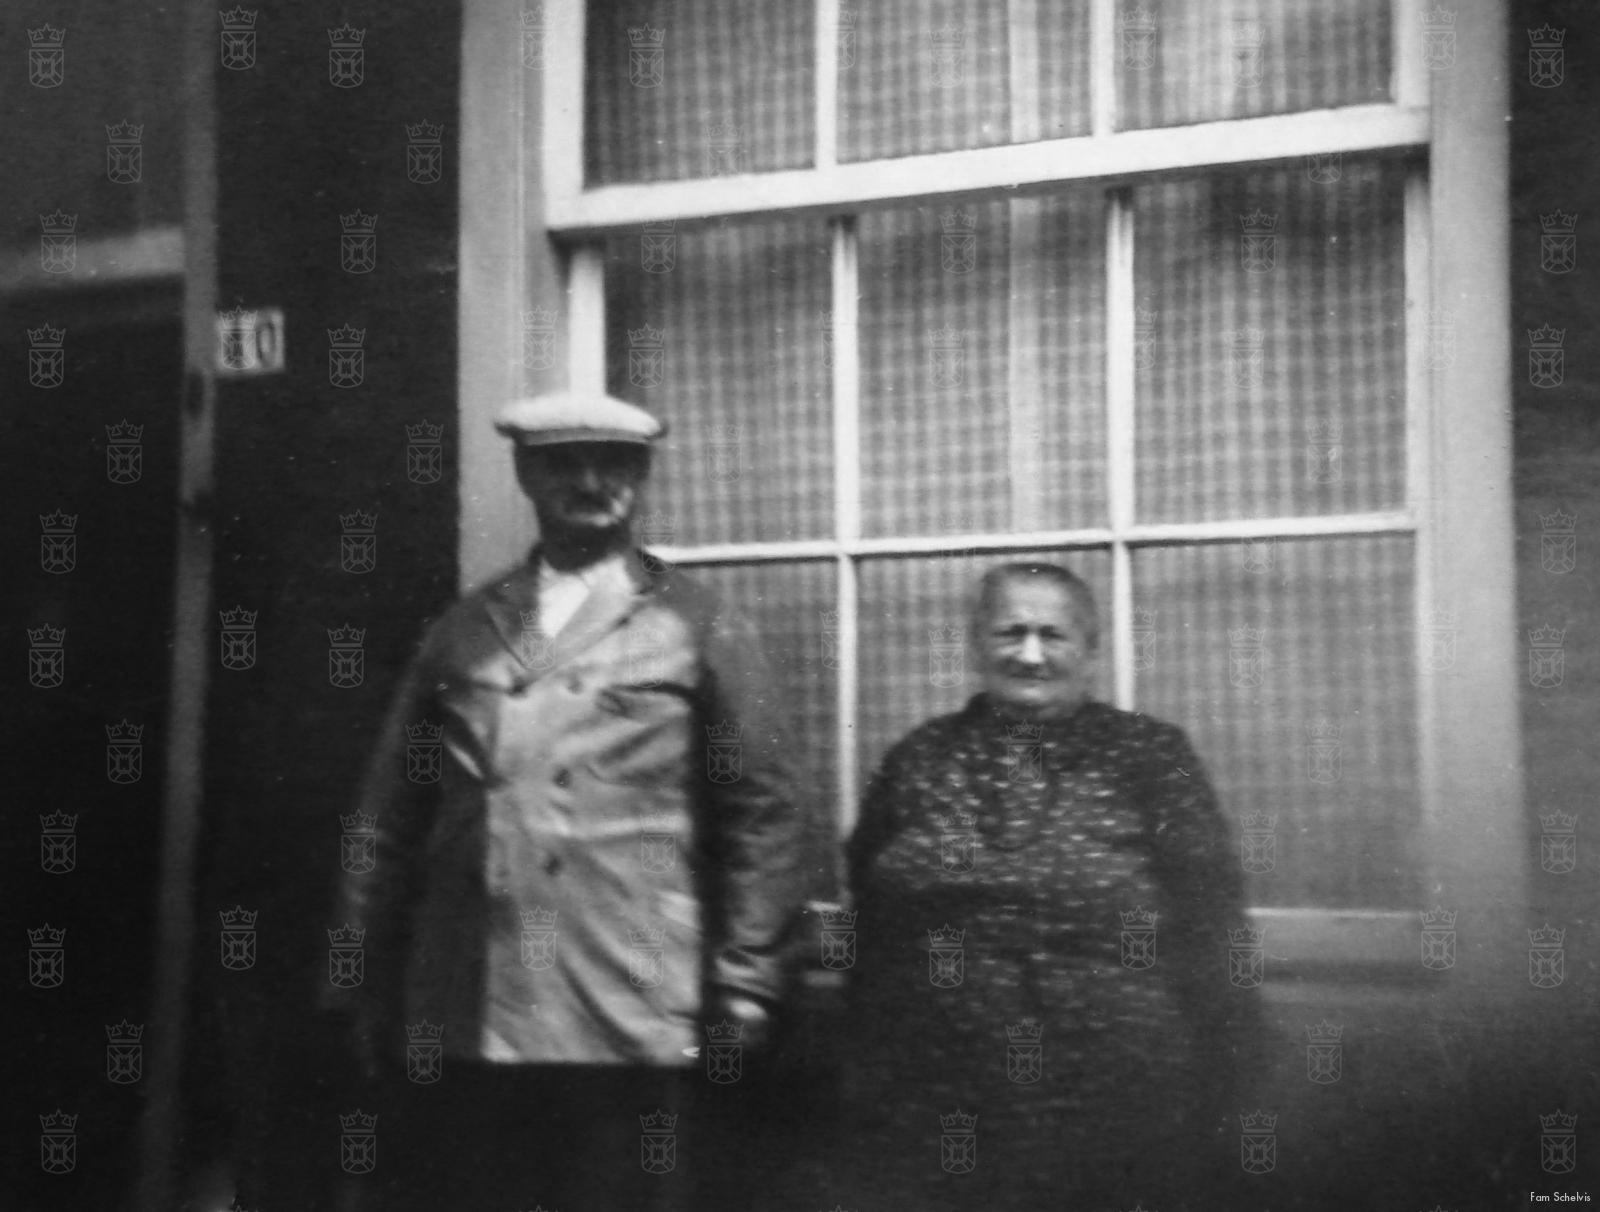 Opa en Oma Schelvis, gedeporteerd en vermoord in Sobibor.